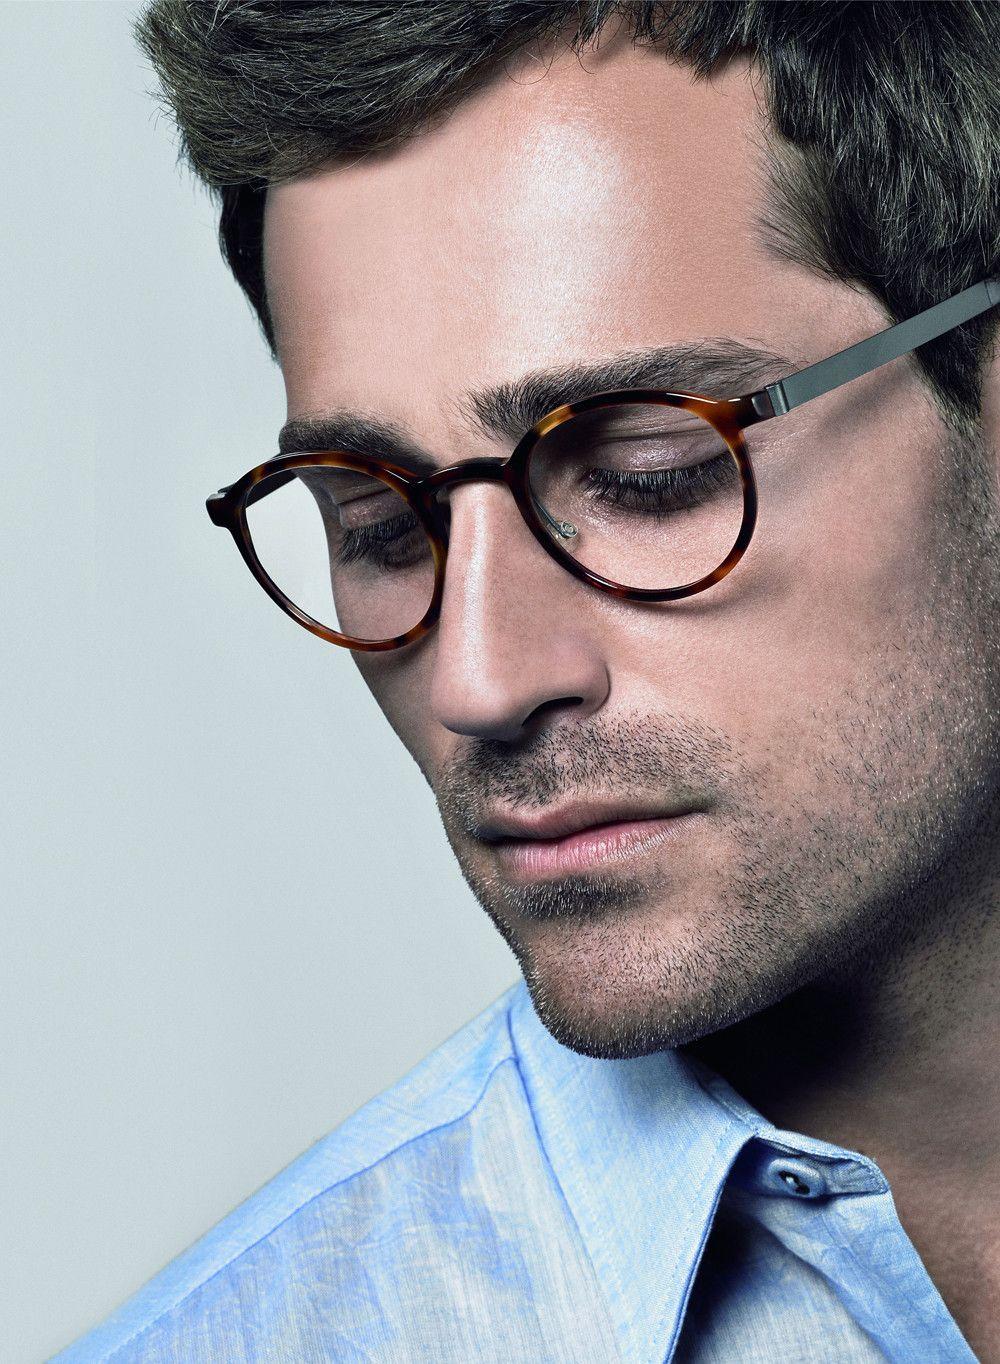 LINDBERG Acetanium 1014 | Glasses | Pinterest | Brille und Brillenmode